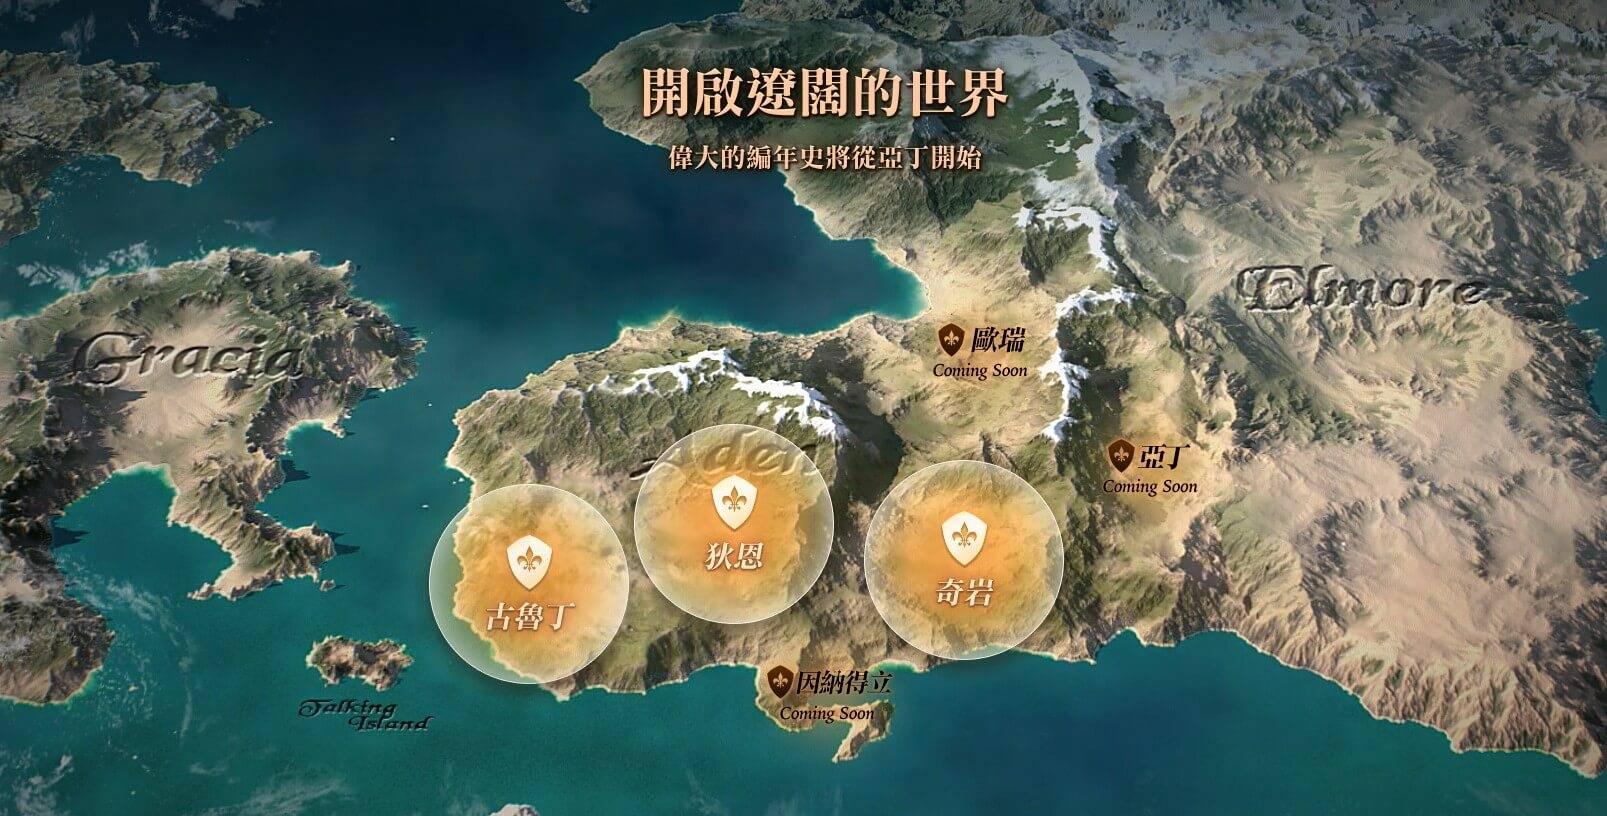 《天堂2M》公開奇岩領地介紹,事前預約人氣居高不下